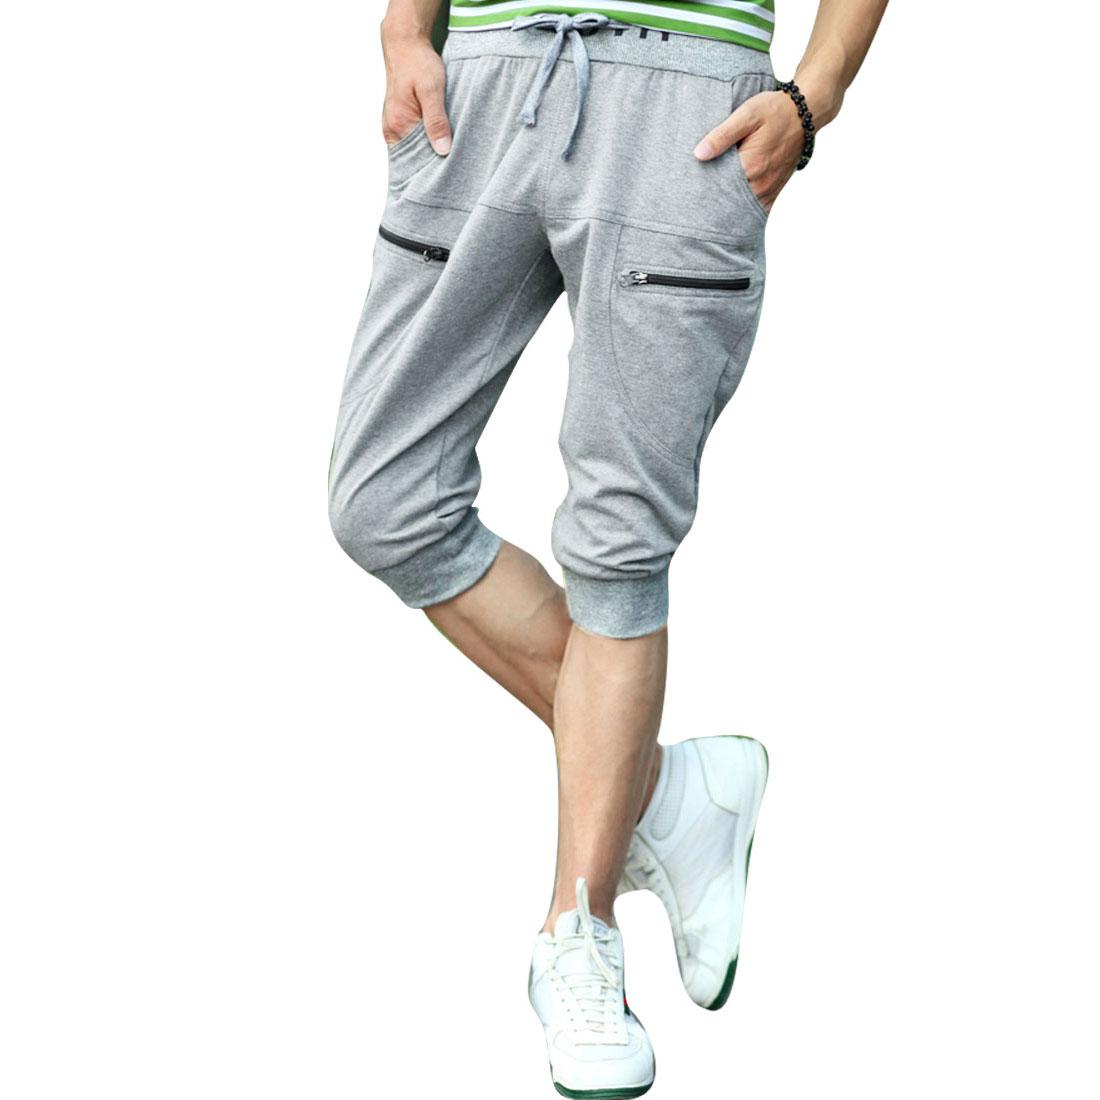 Men Zip Pocket Drawstring Waist Hip Pockets Shorts Light Grey W31